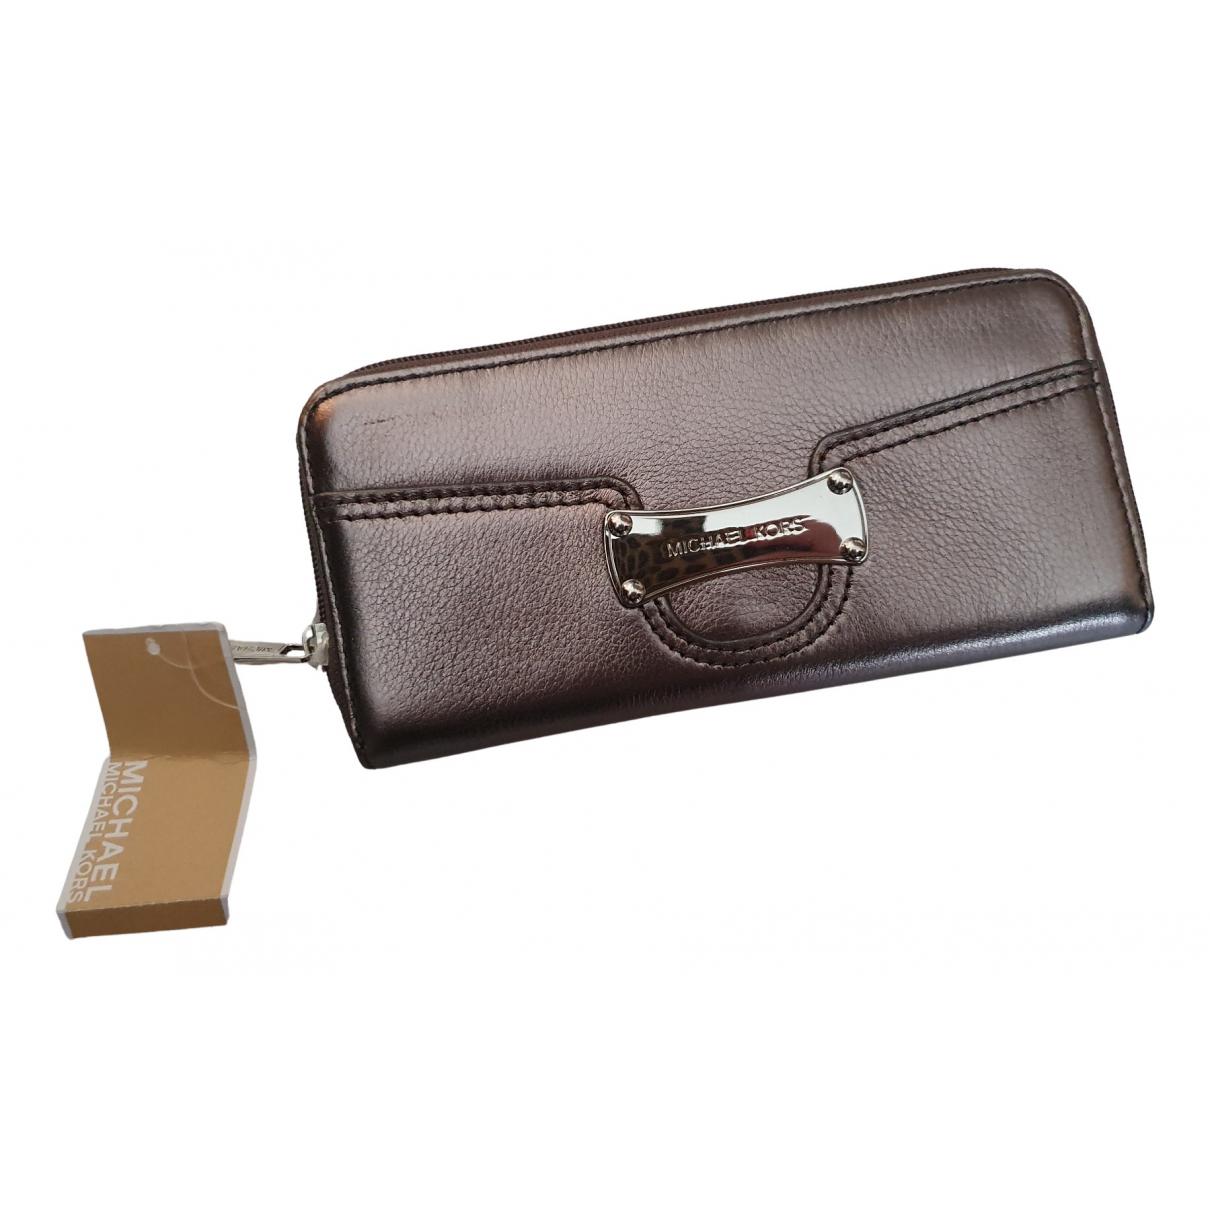 Michael Kors - Portefeuille   pour femme en cuir - metallise